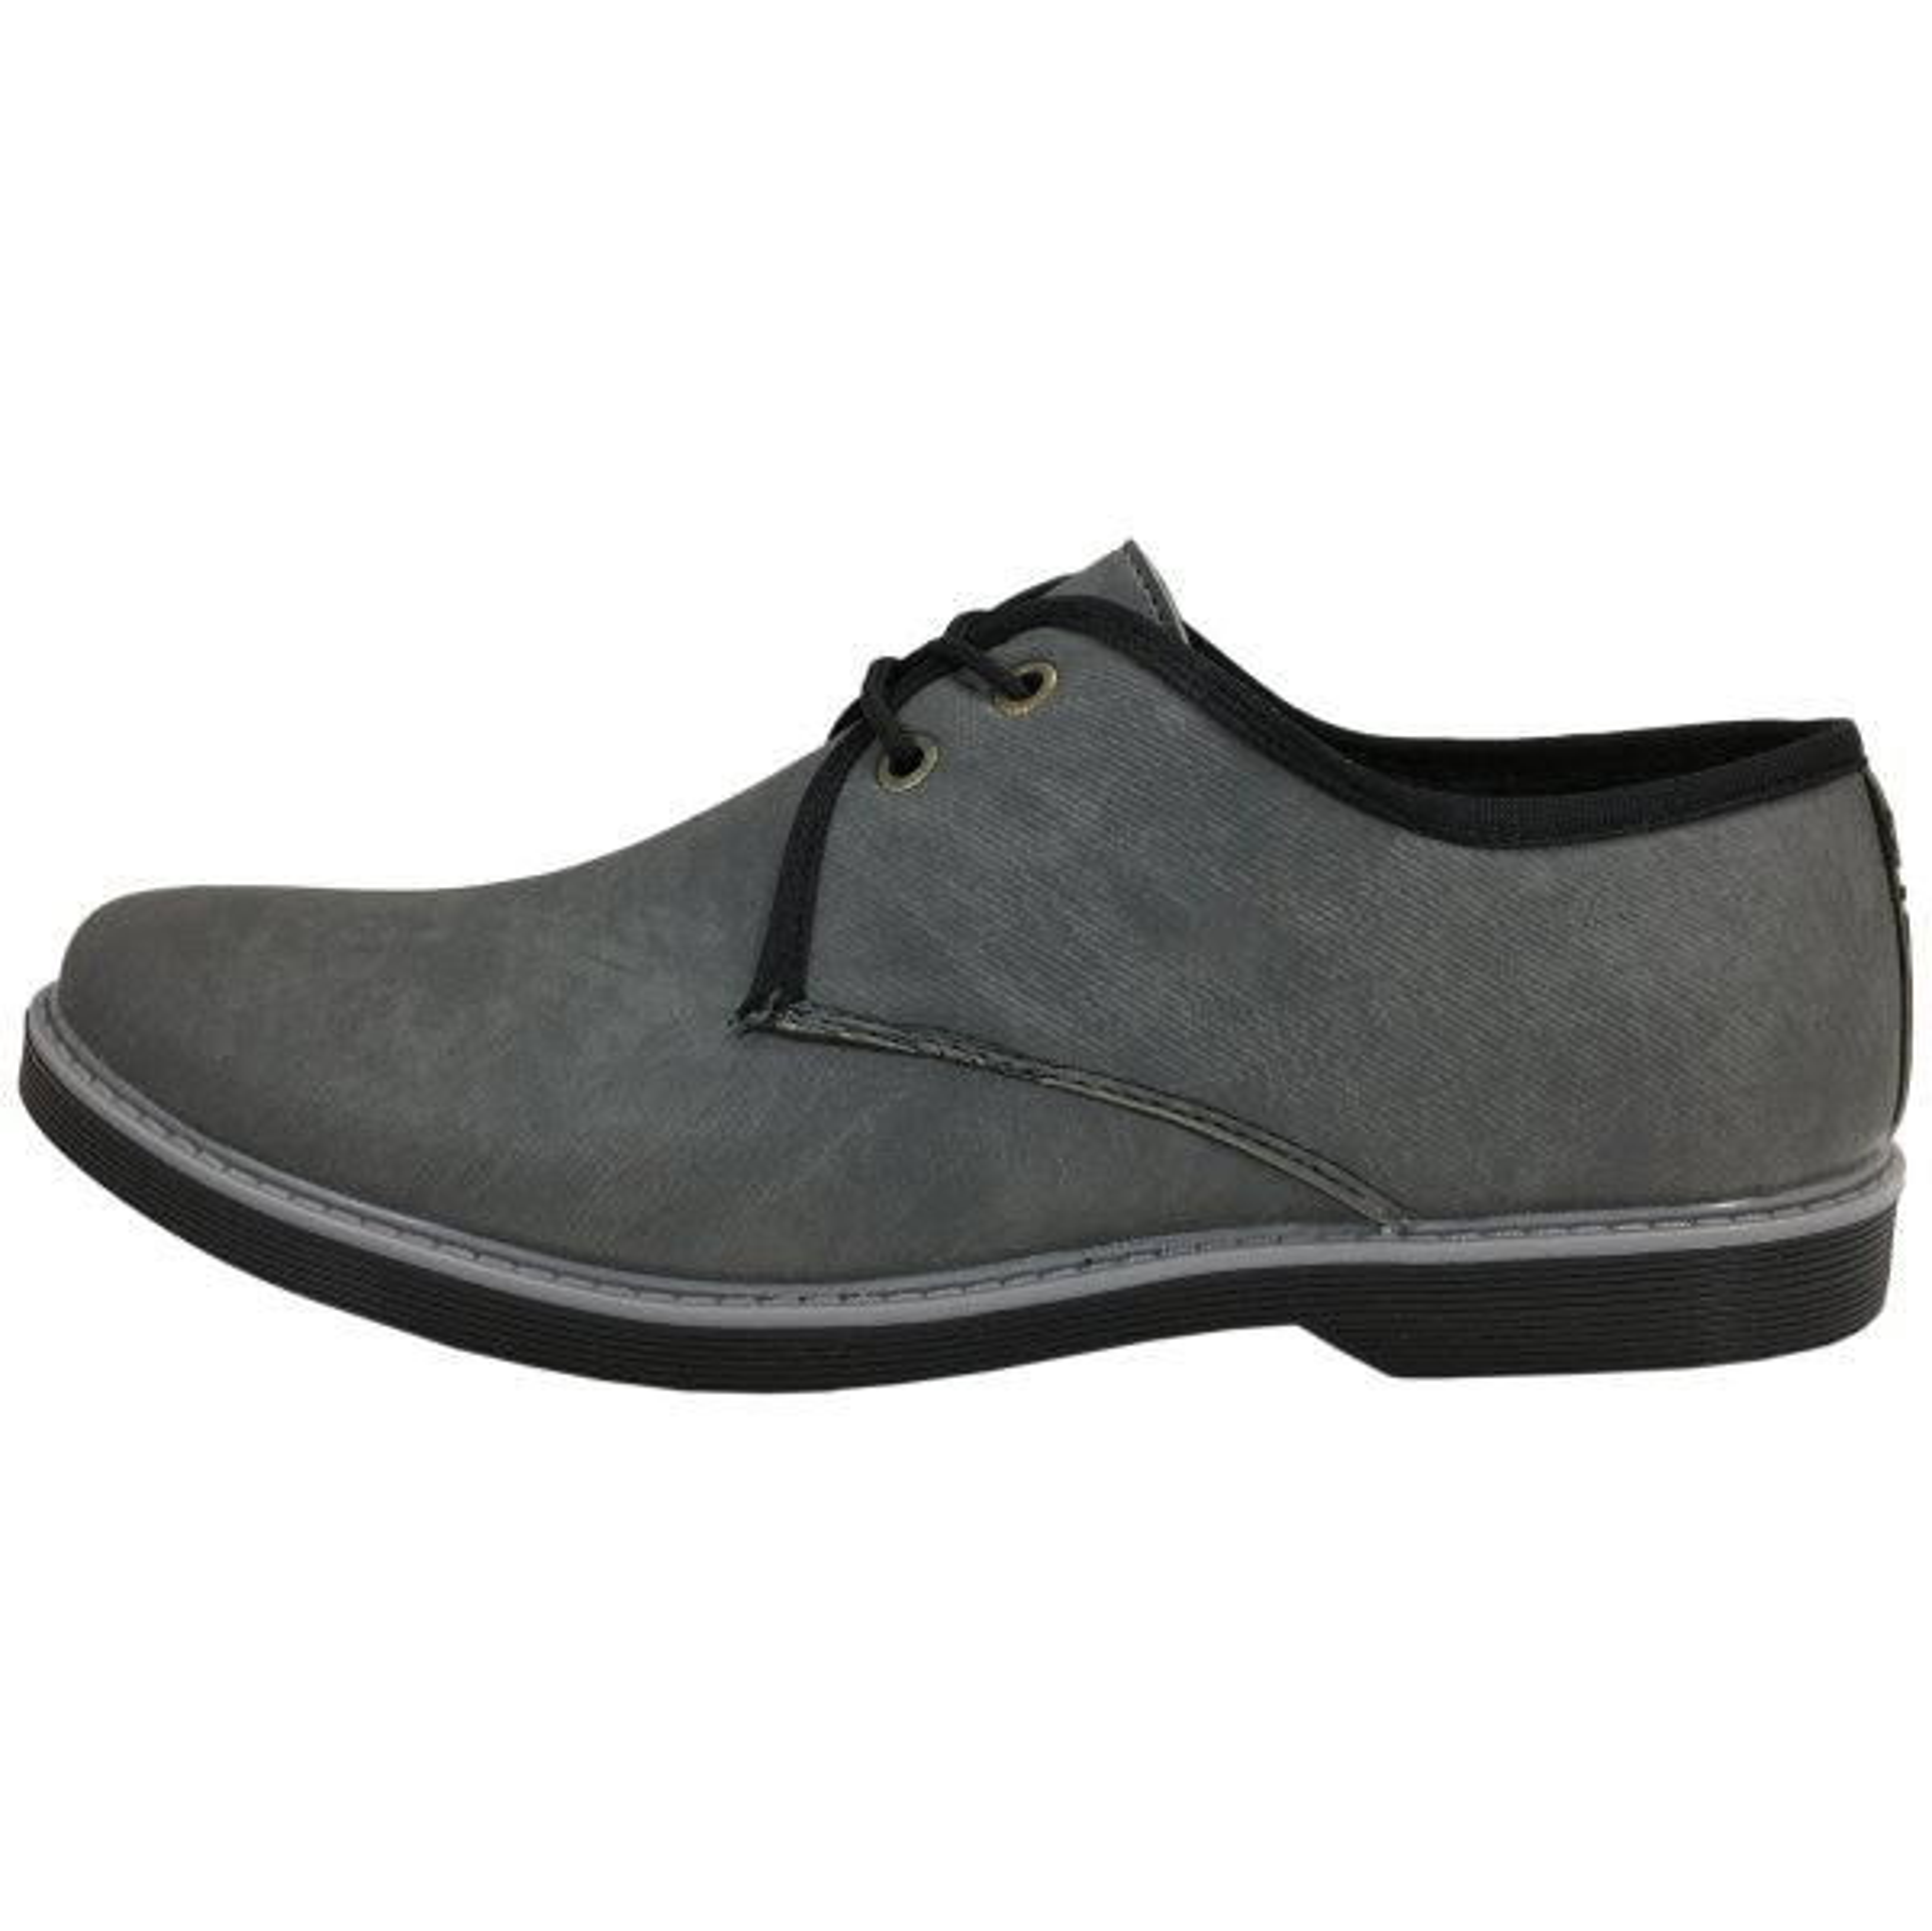 کفش مردانه مدل نقش جهان کد 3201